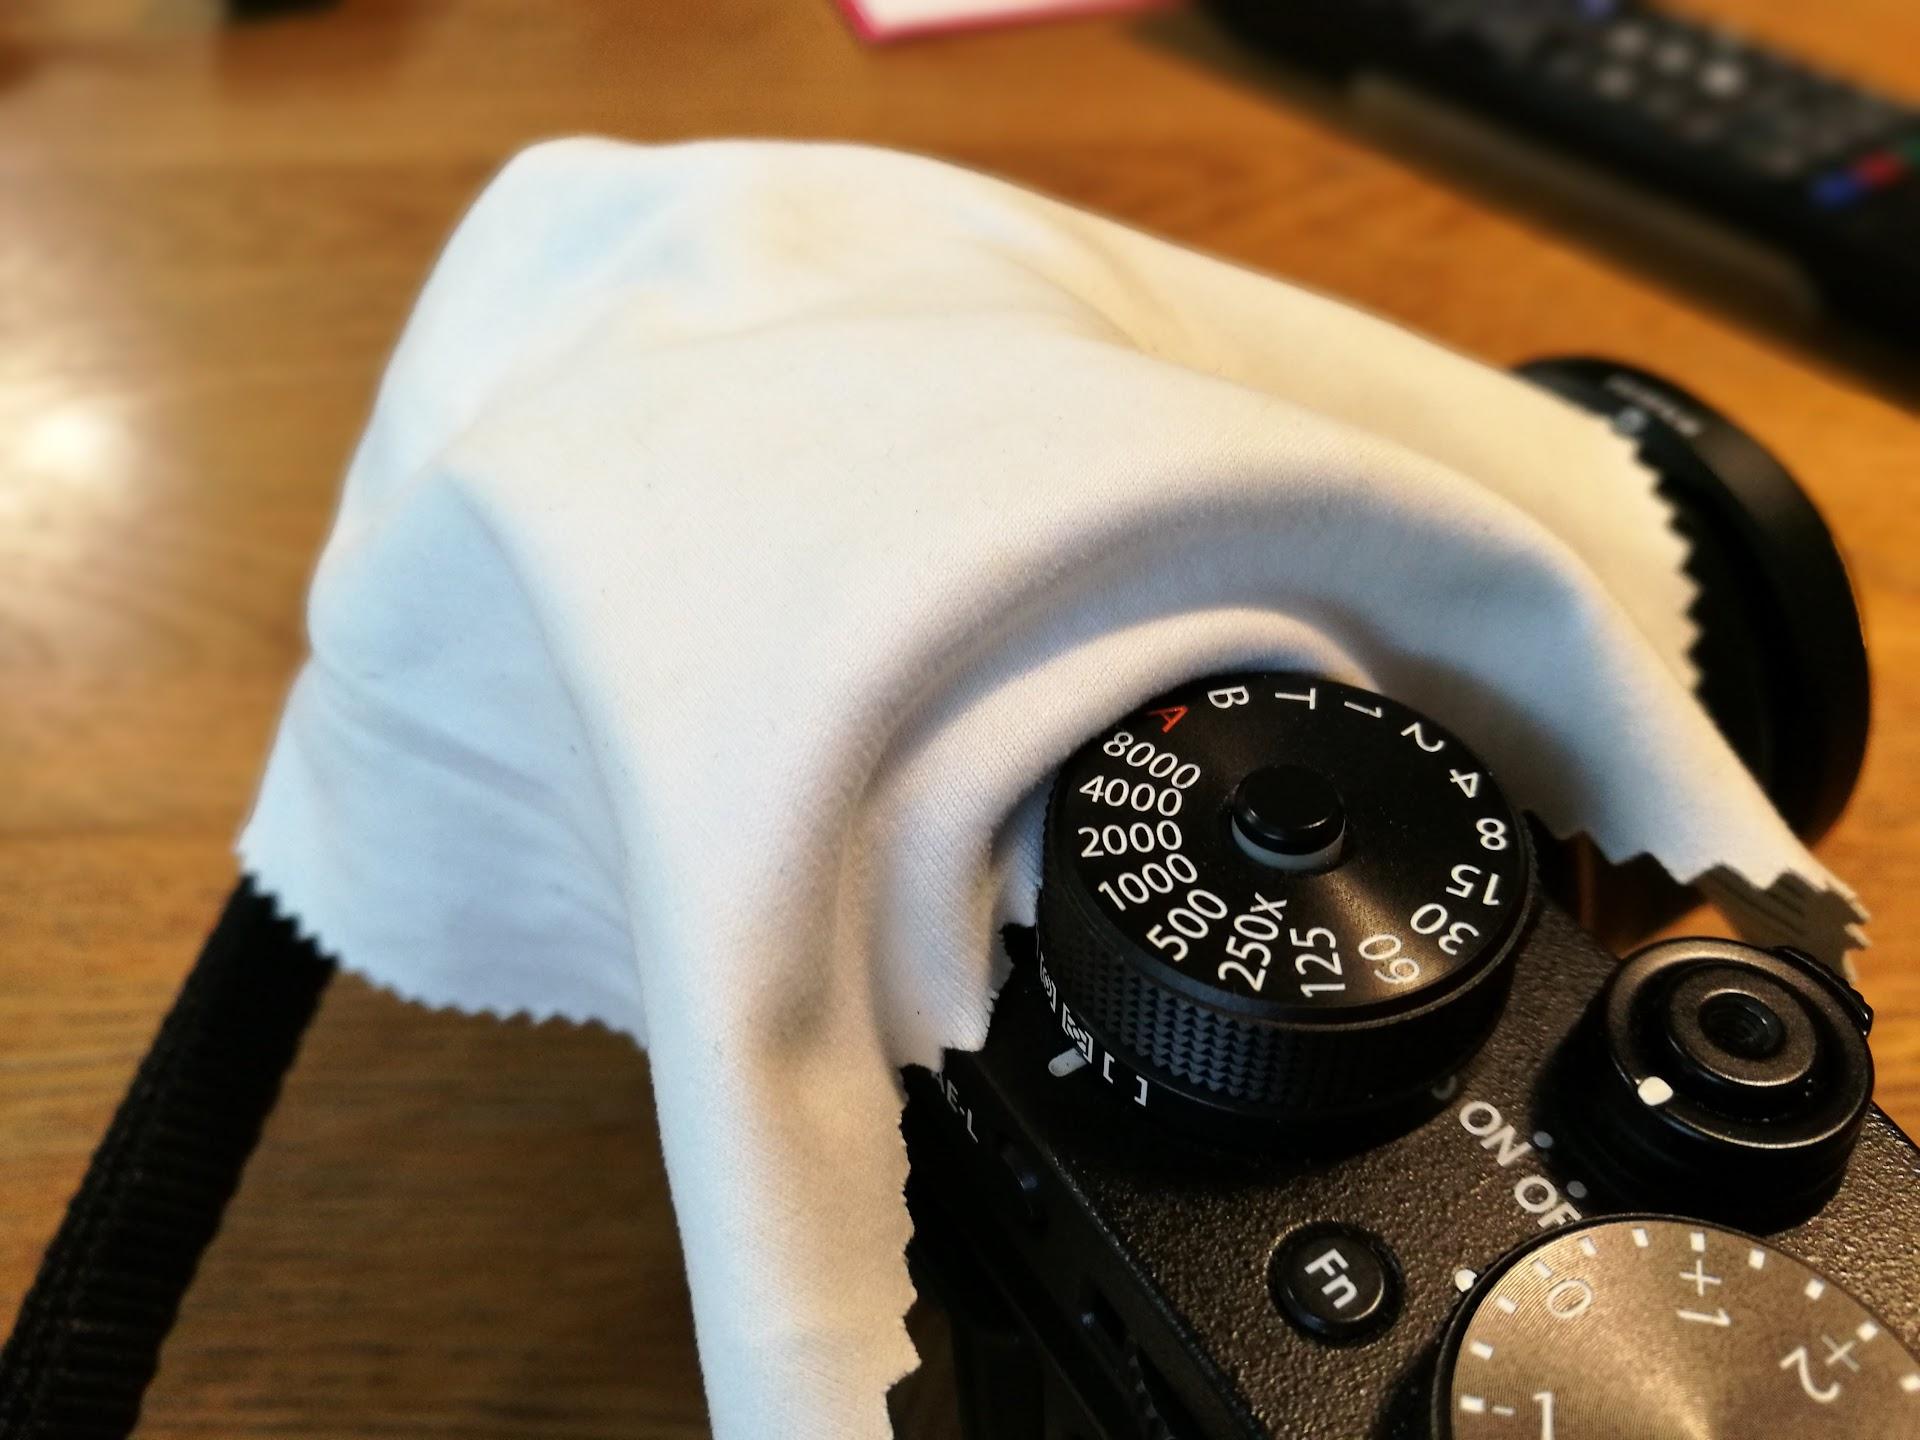 X-T2のこちら側のホコリもメガネ拭きでふき取りましょう。